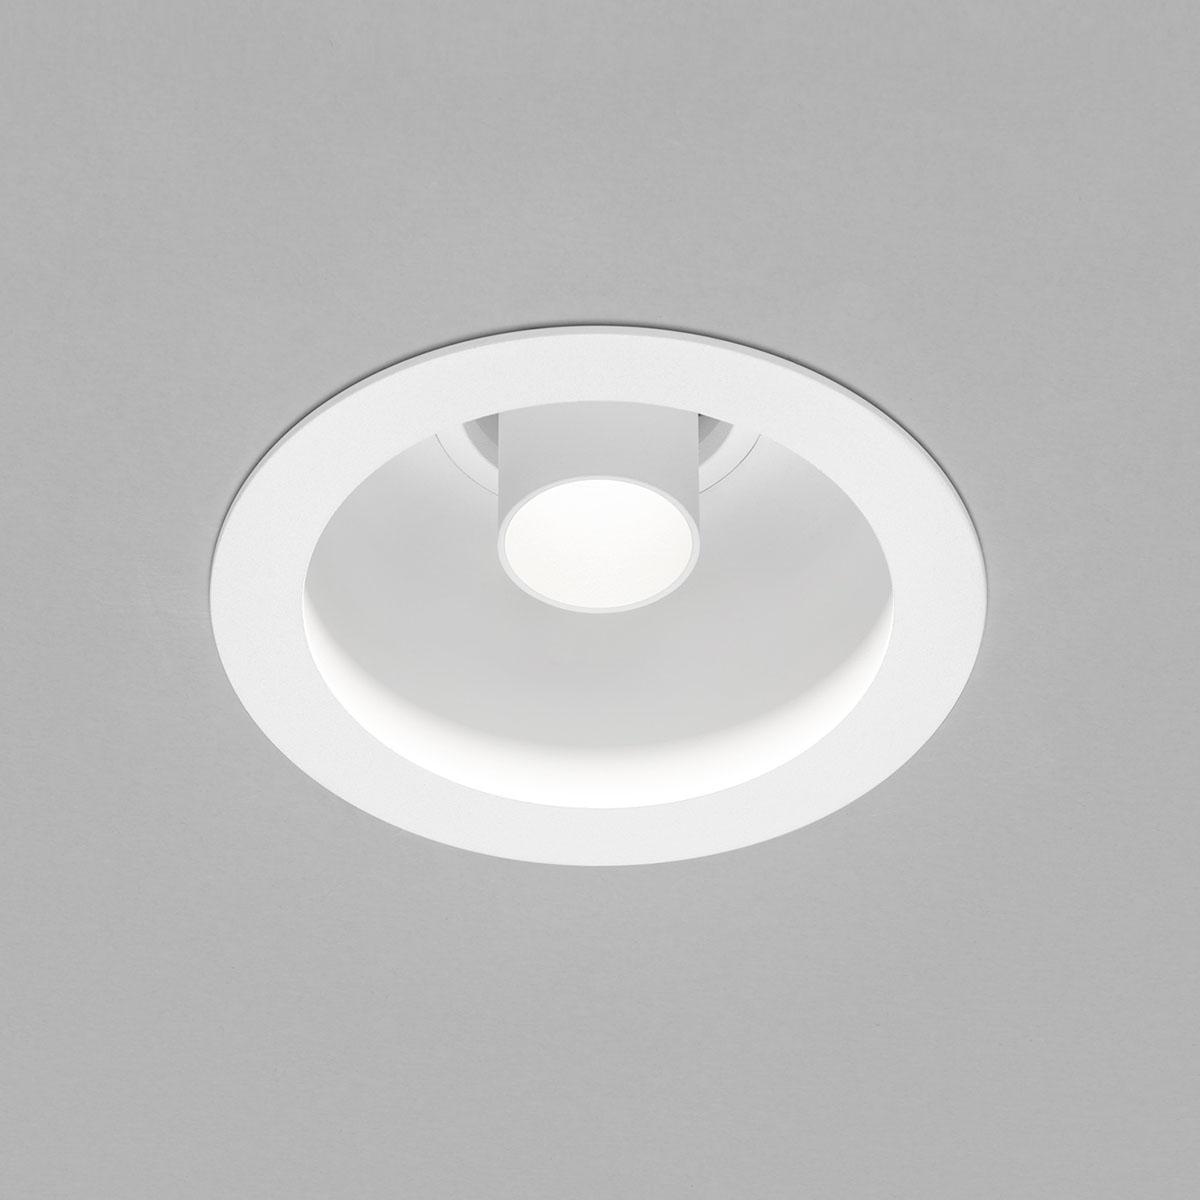 Helestra Run LED 1-flg. Deckeneinbaustrahler